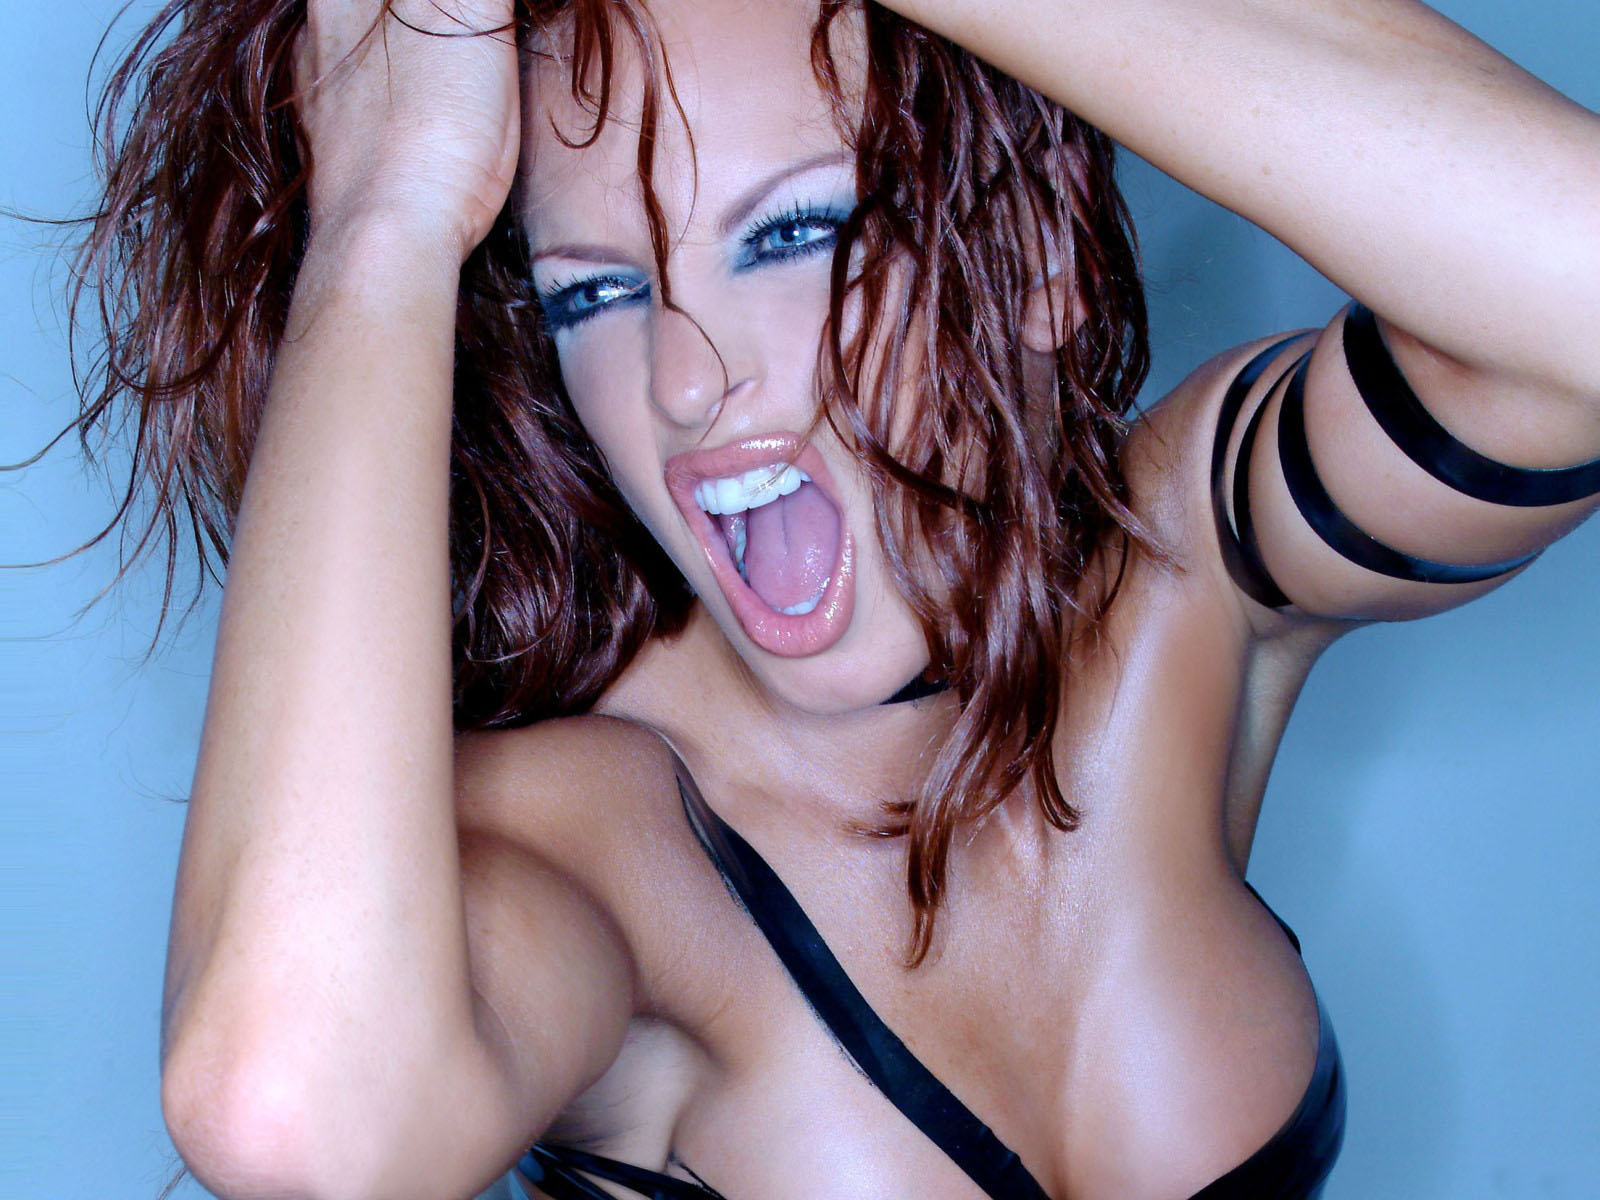 Sexy women hd pics